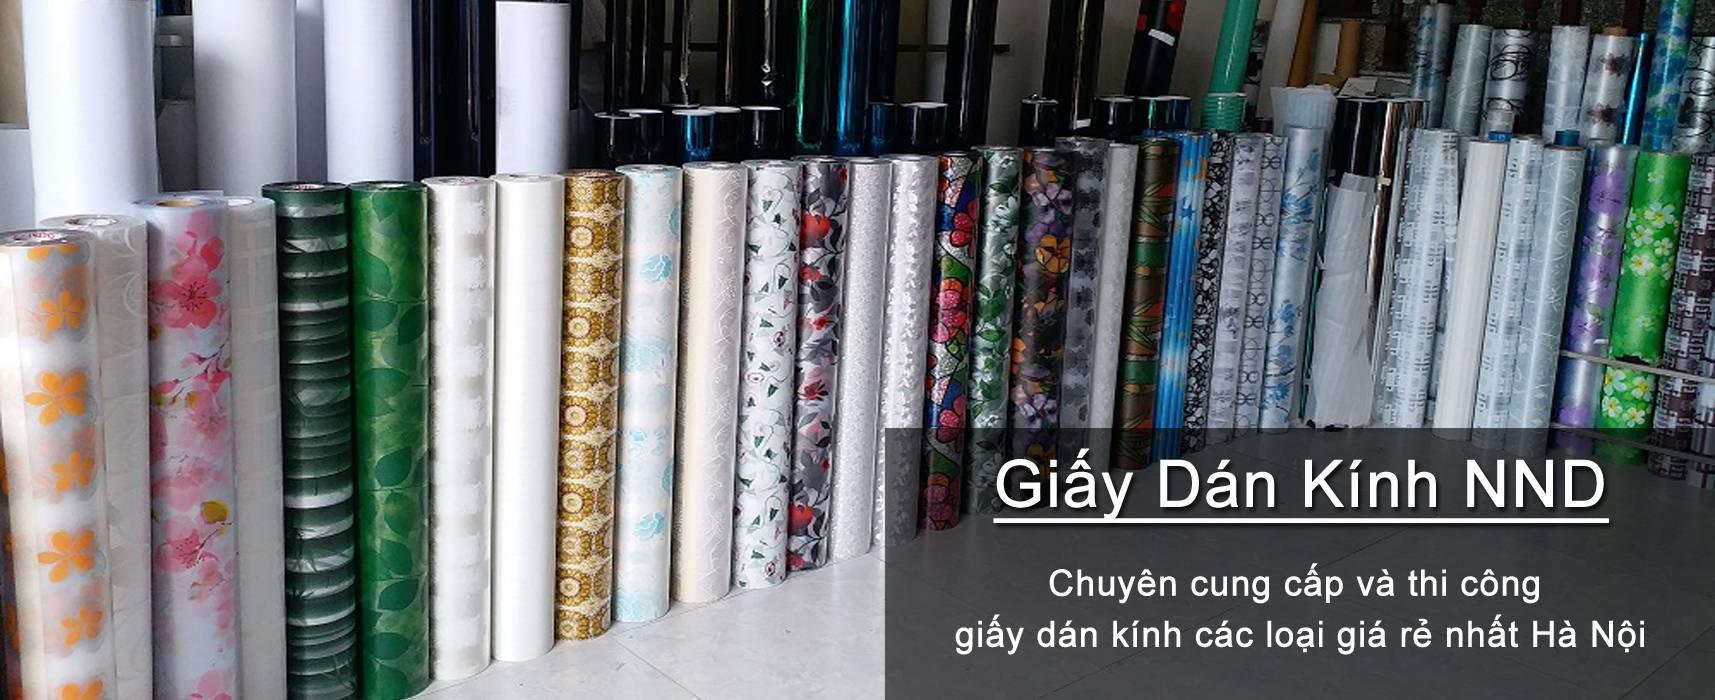 NND là địa chỉ cung cấp và thi công giấy decal dán kính uy tín nhất tại quận Thanh Xuân Hà Nội